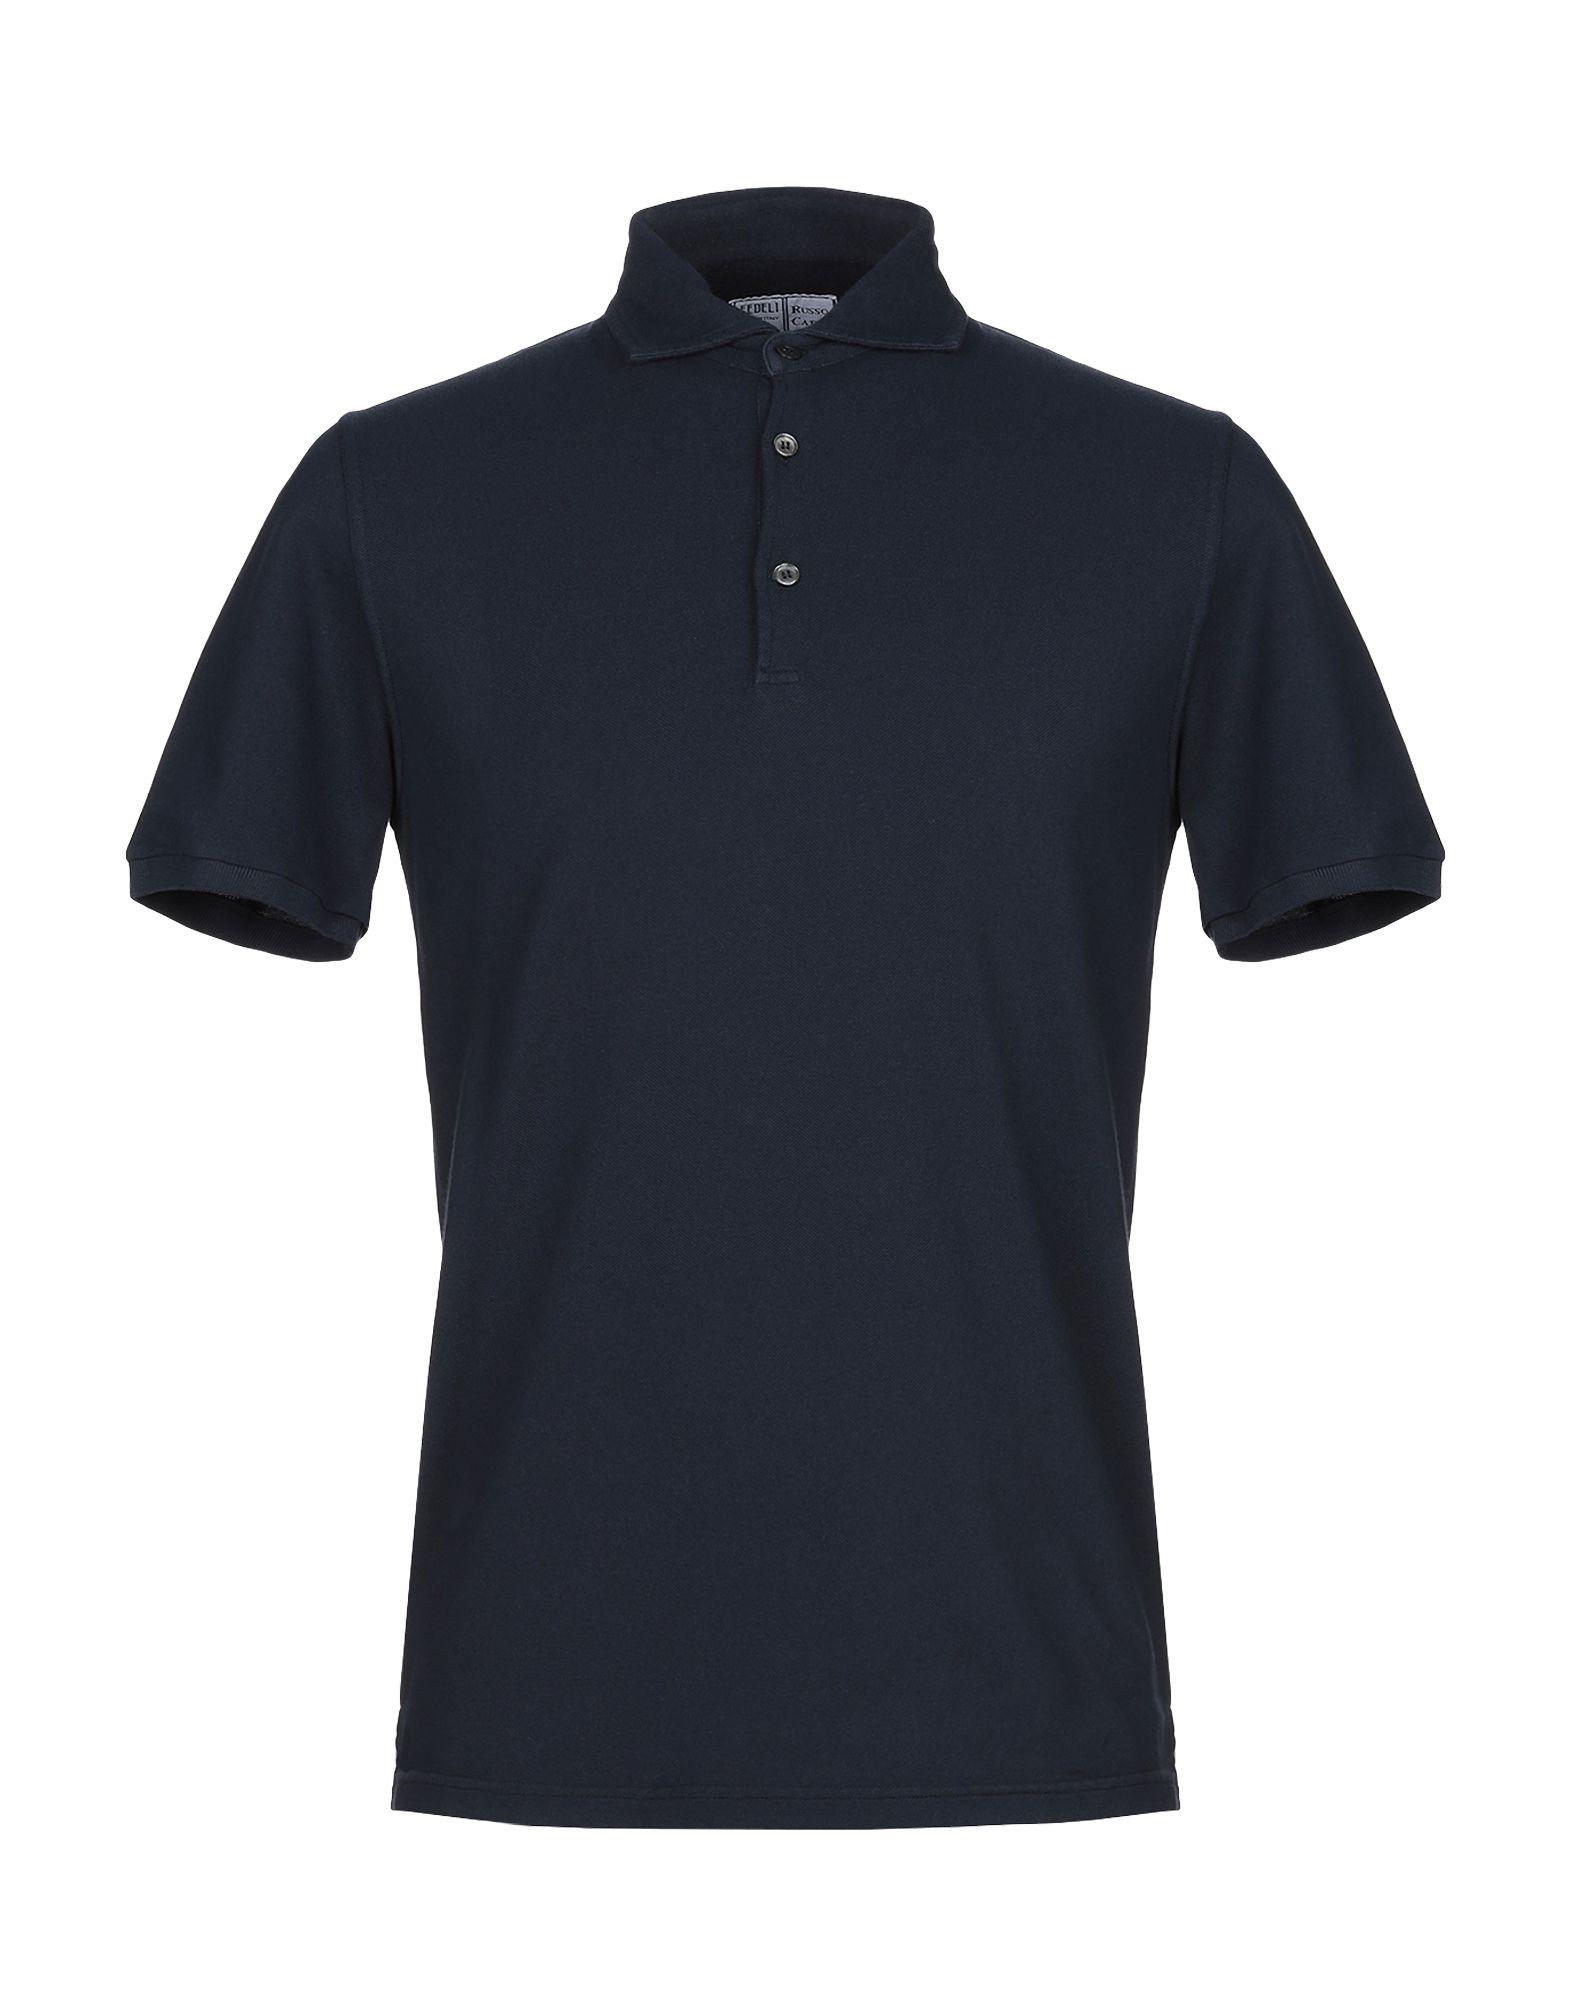 《期間限定セール中》FEDELI メンズ ポロシャツ ダークブルー 48 コットン 100%